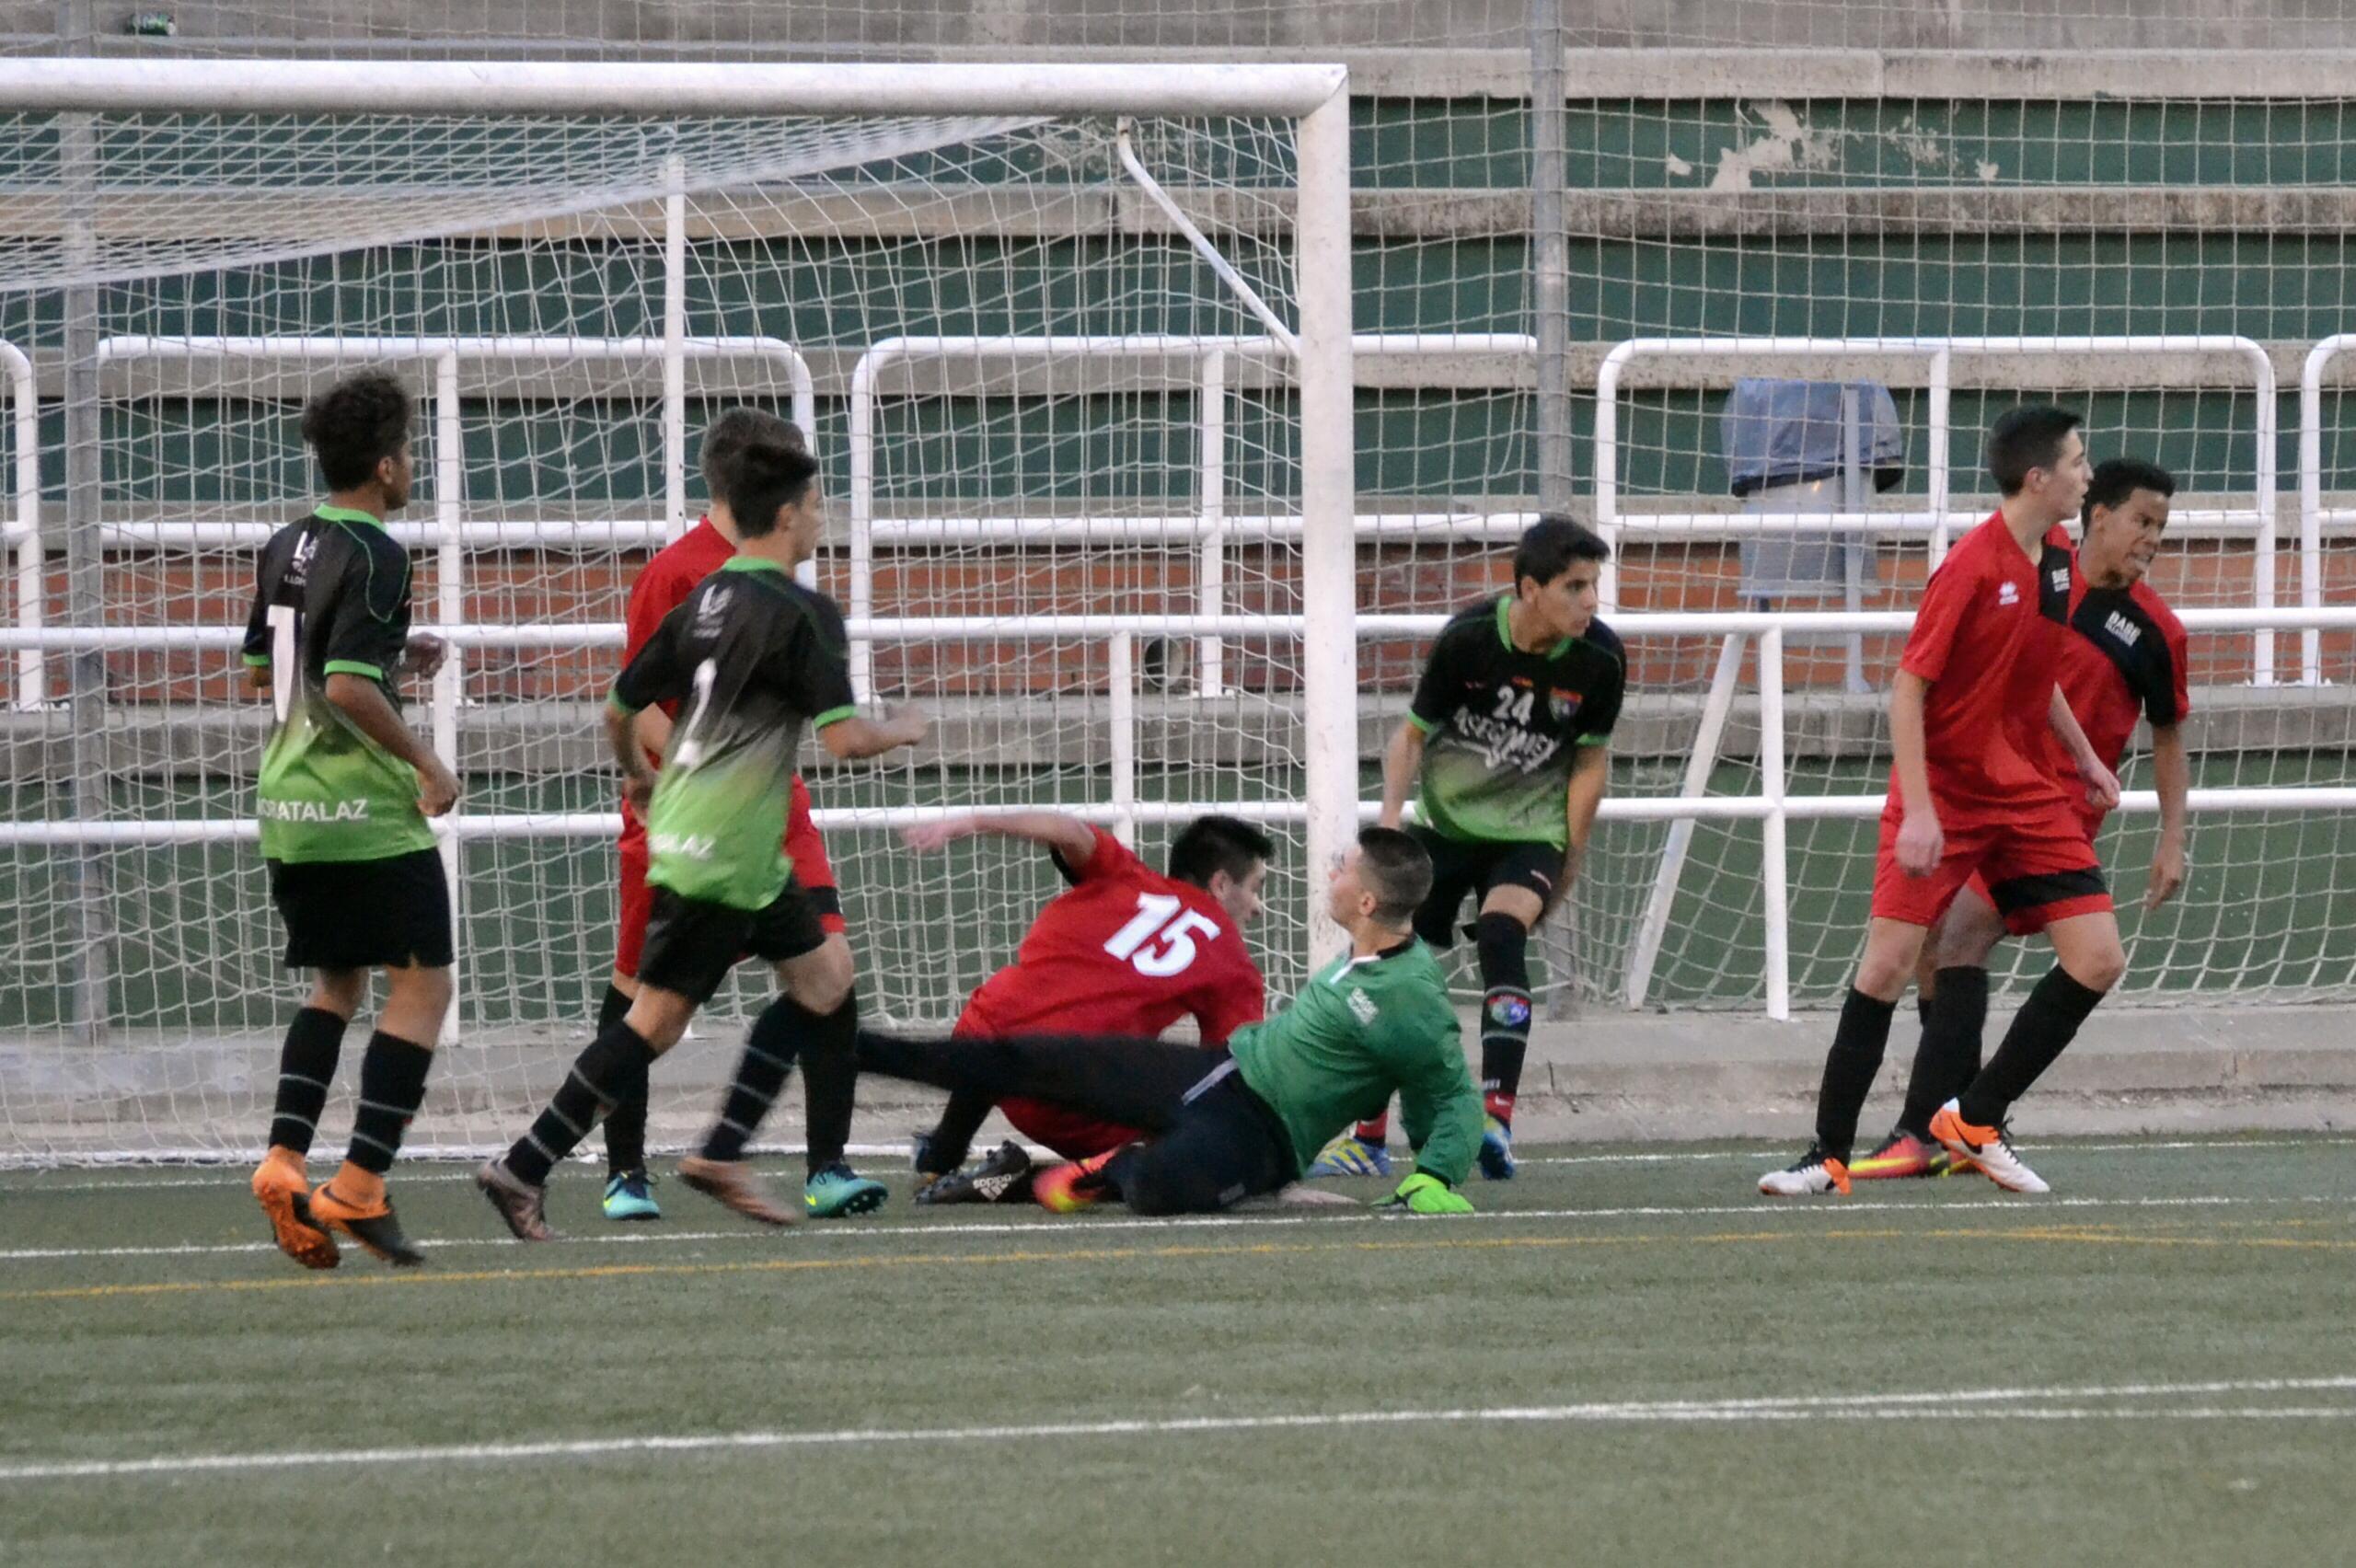 Crónica y fotos del partido A.D. Esc. Balonmano Villaverde A 2 – 5 Juvenil D